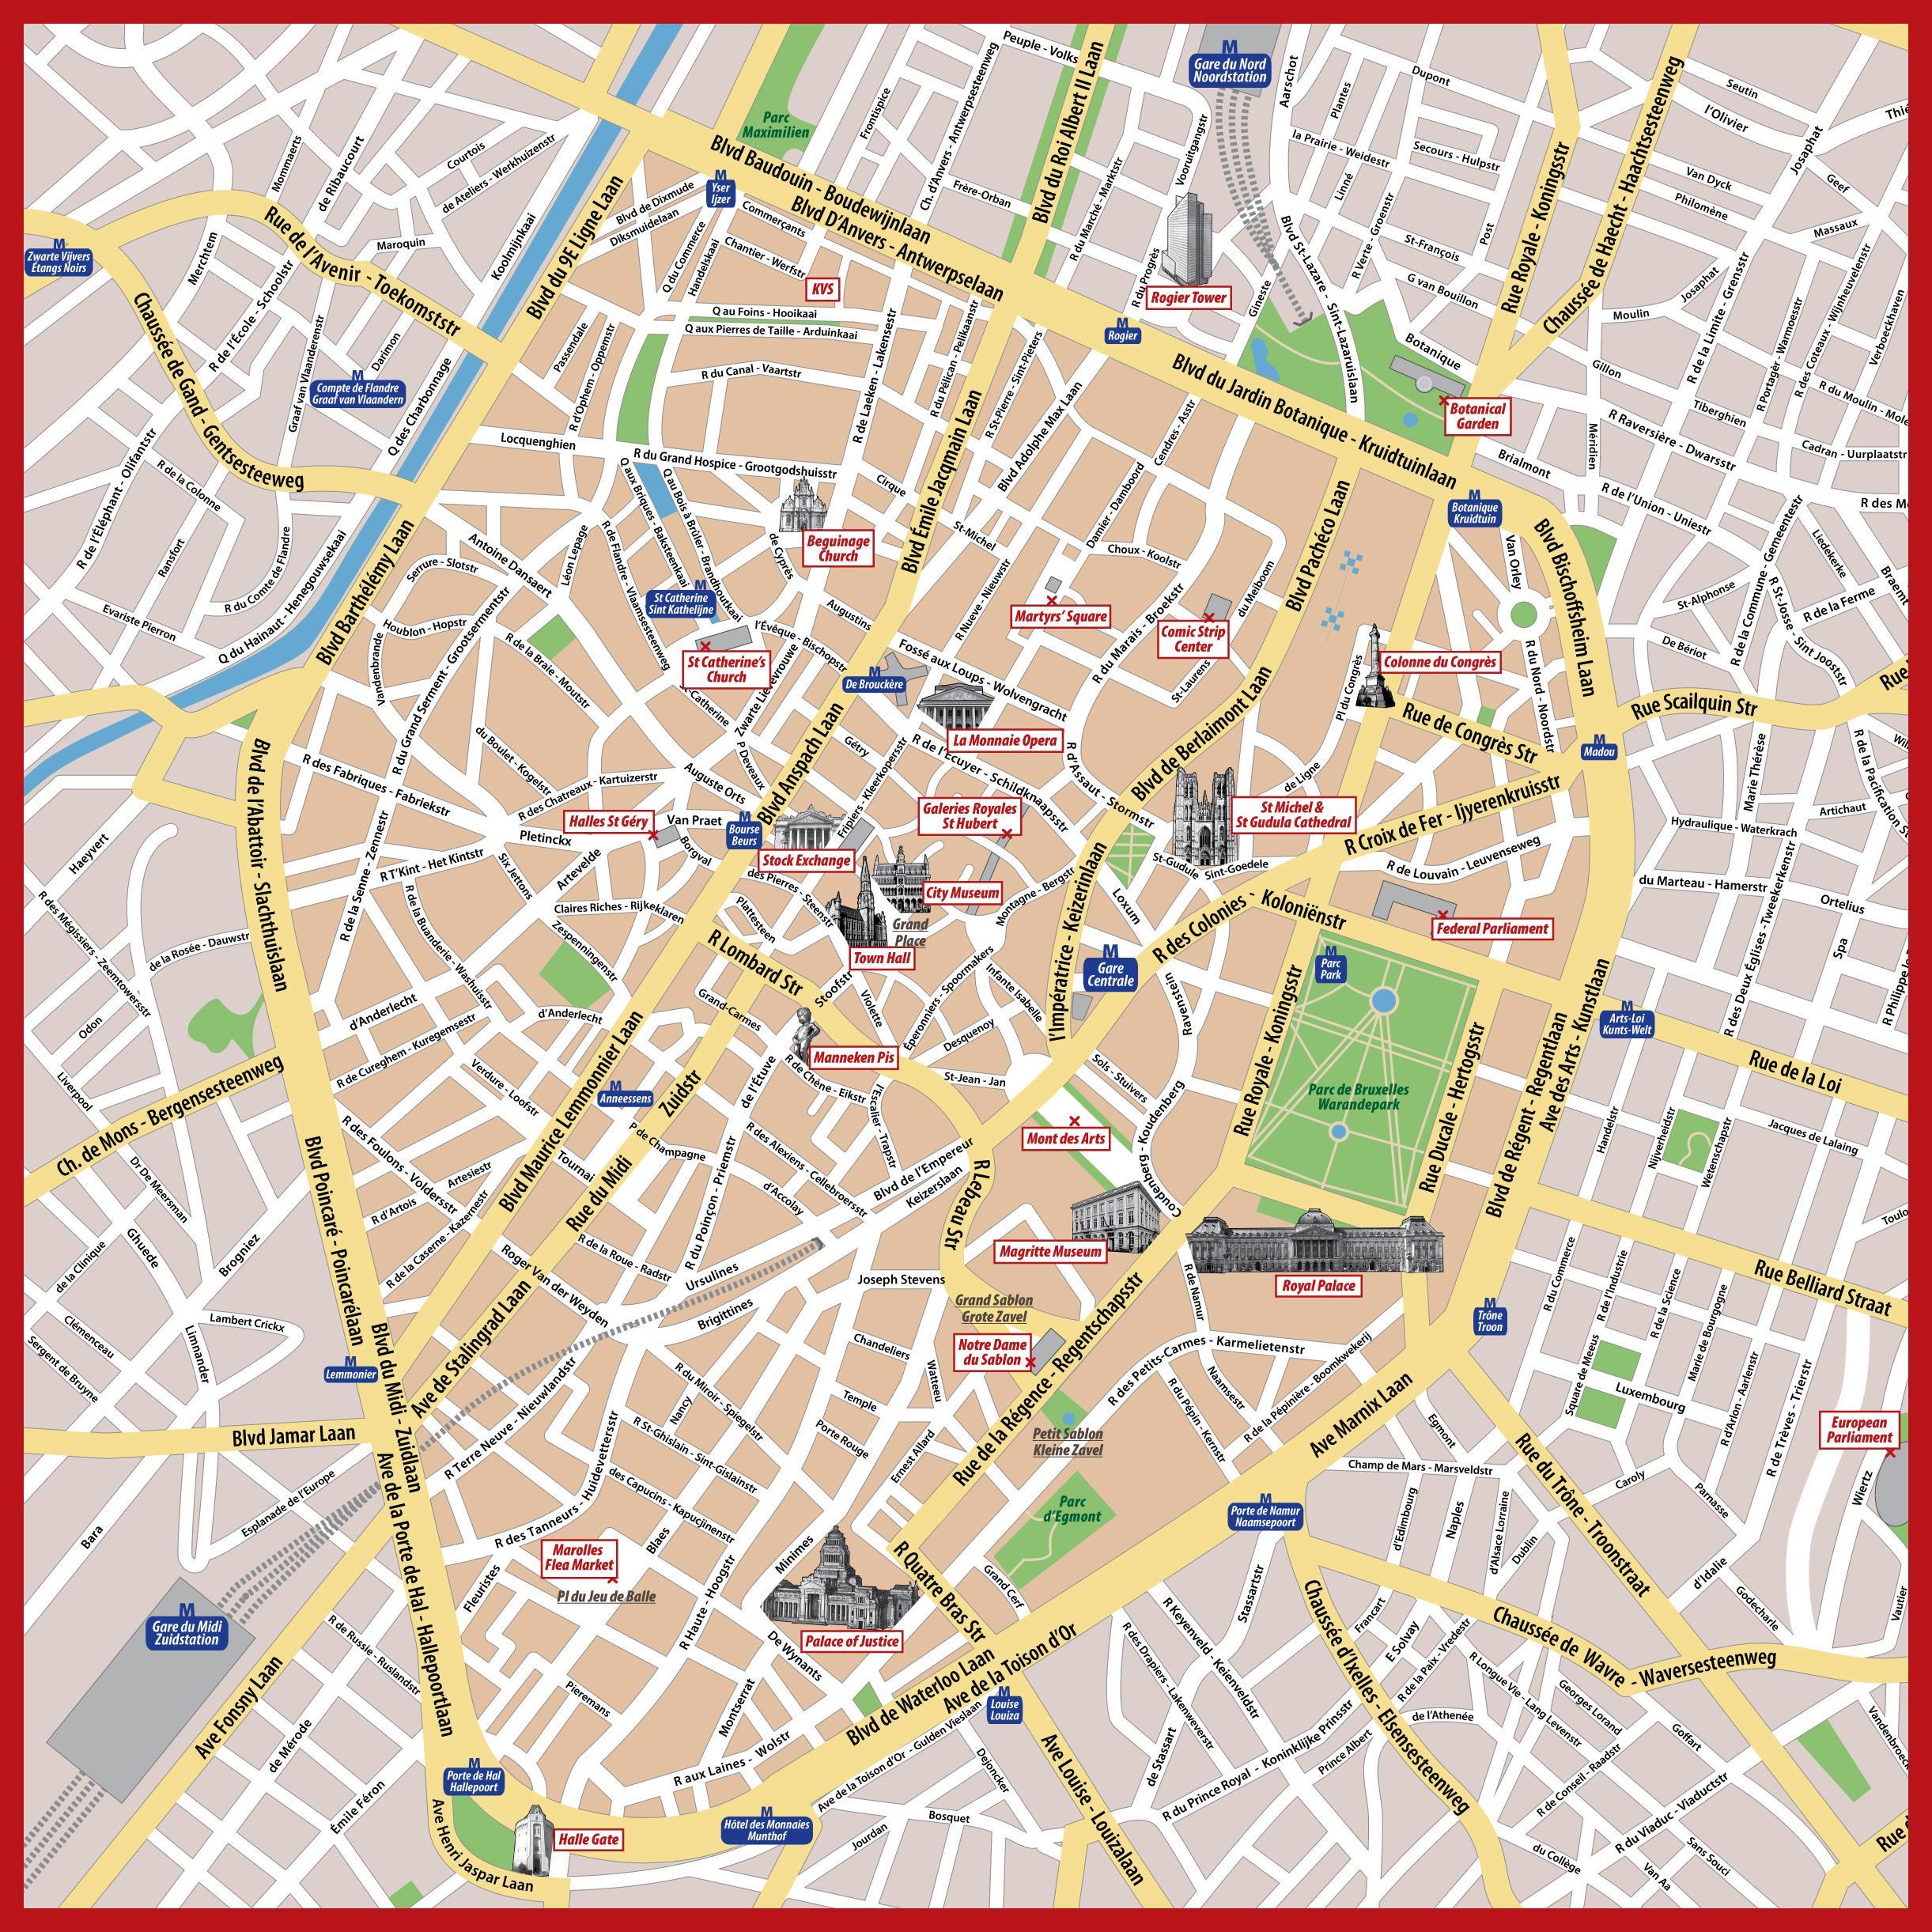 De bruxelles-carte touristique - Tourisme carte de Bruxelles (Belgique)